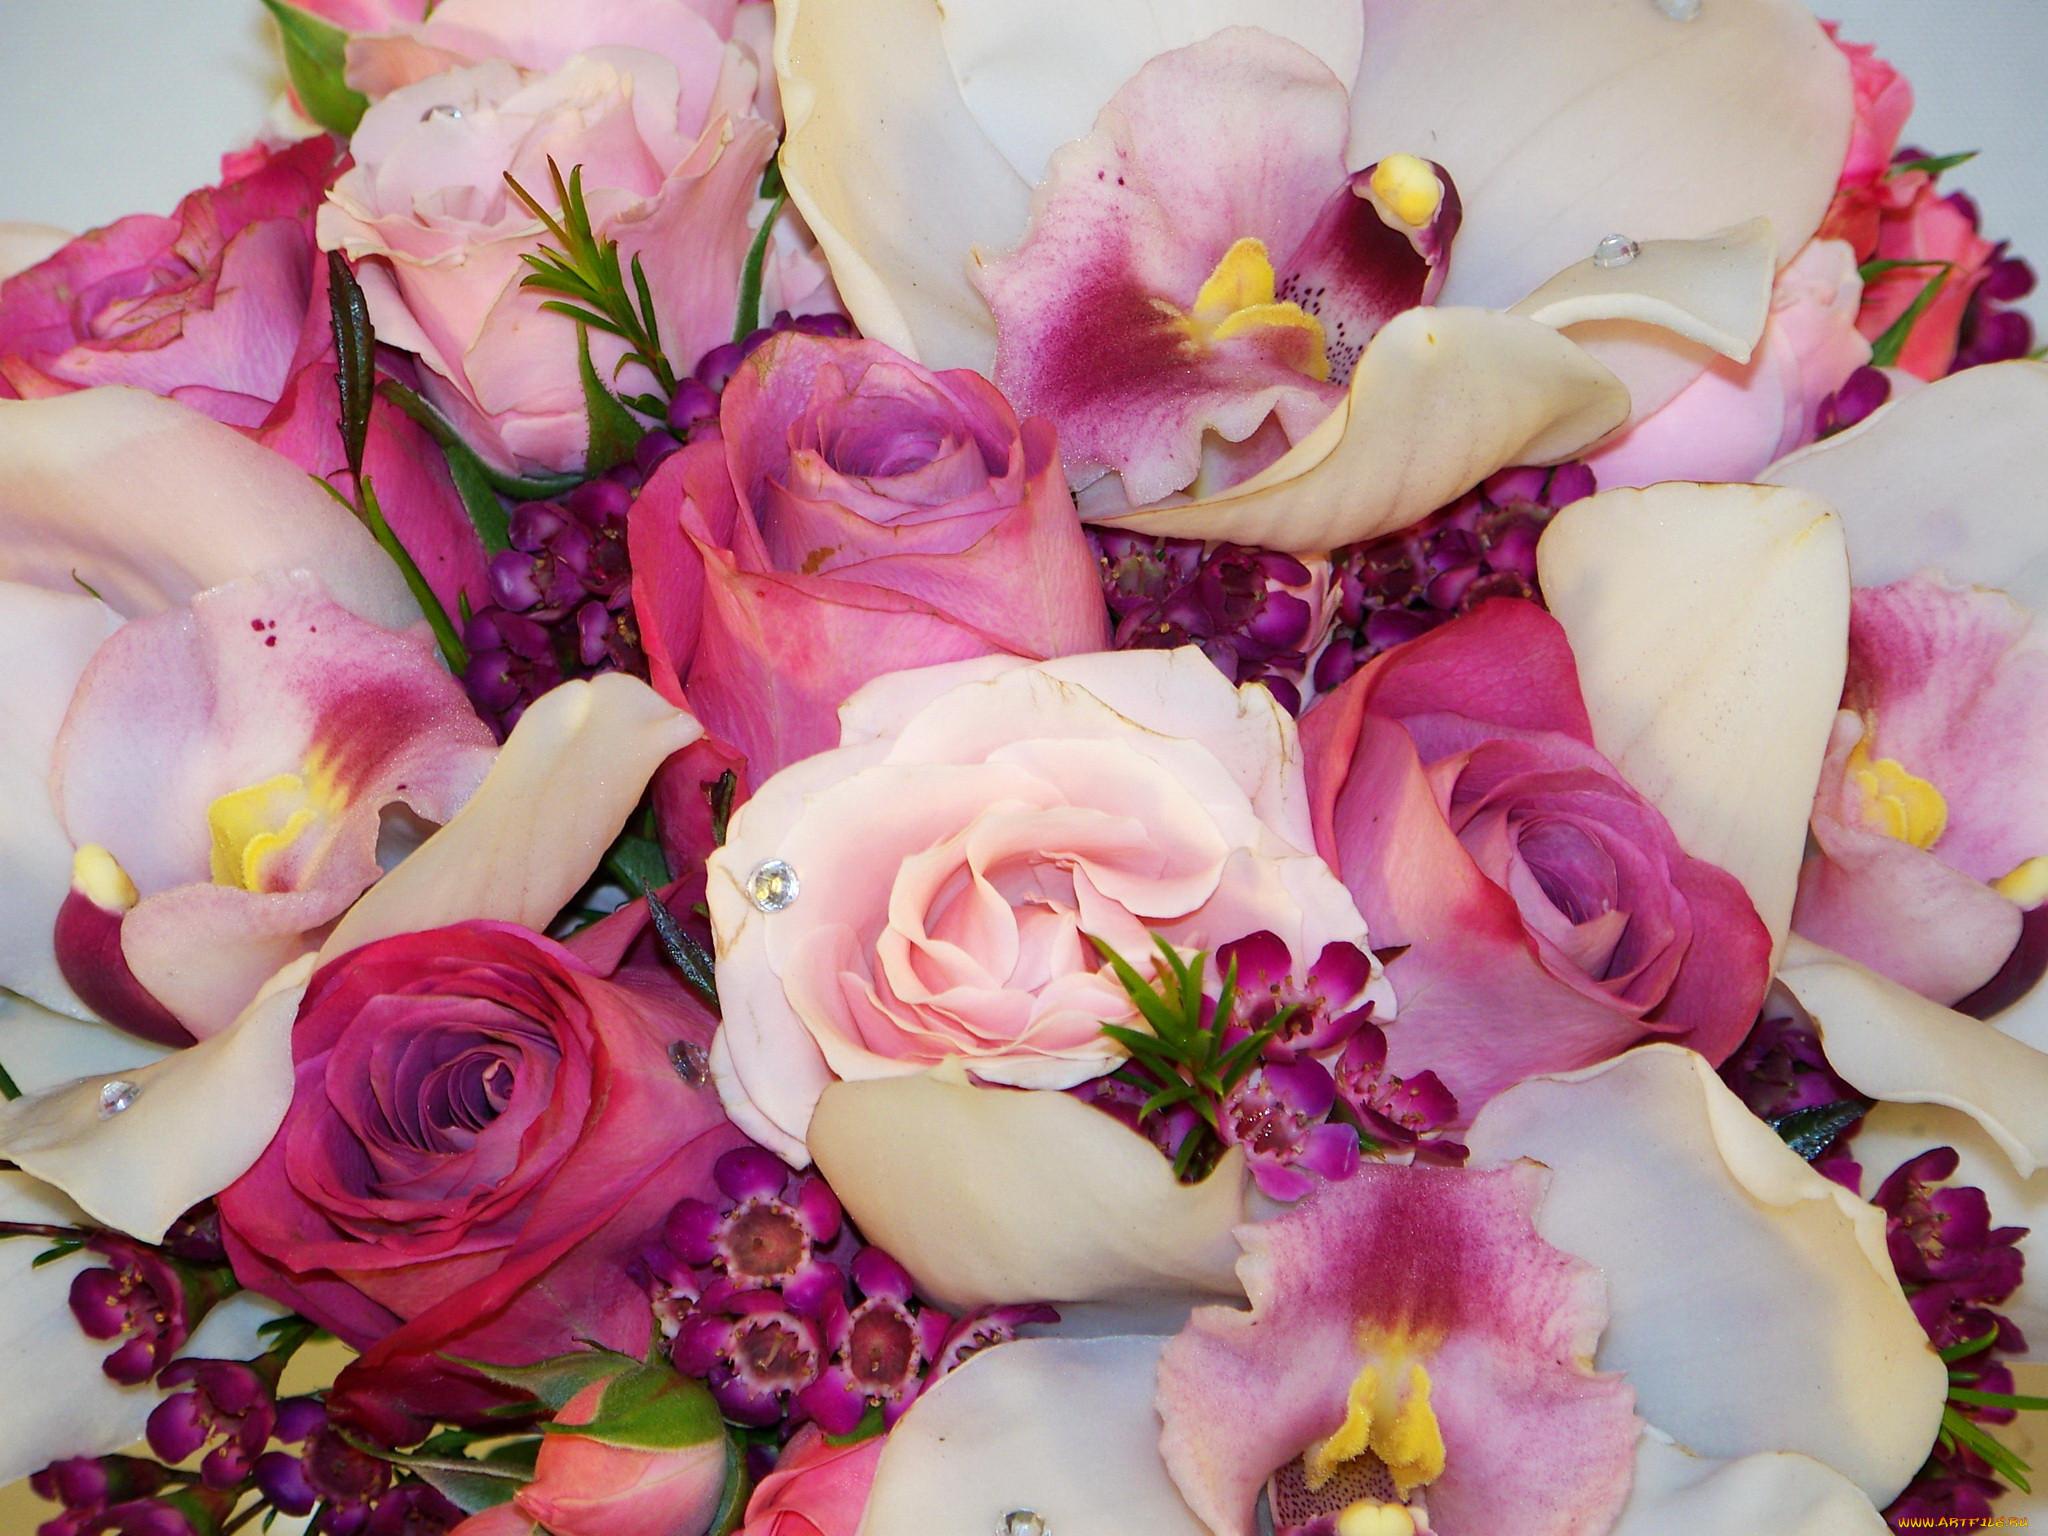 красивые картинки орхидей и роз первая линия моря